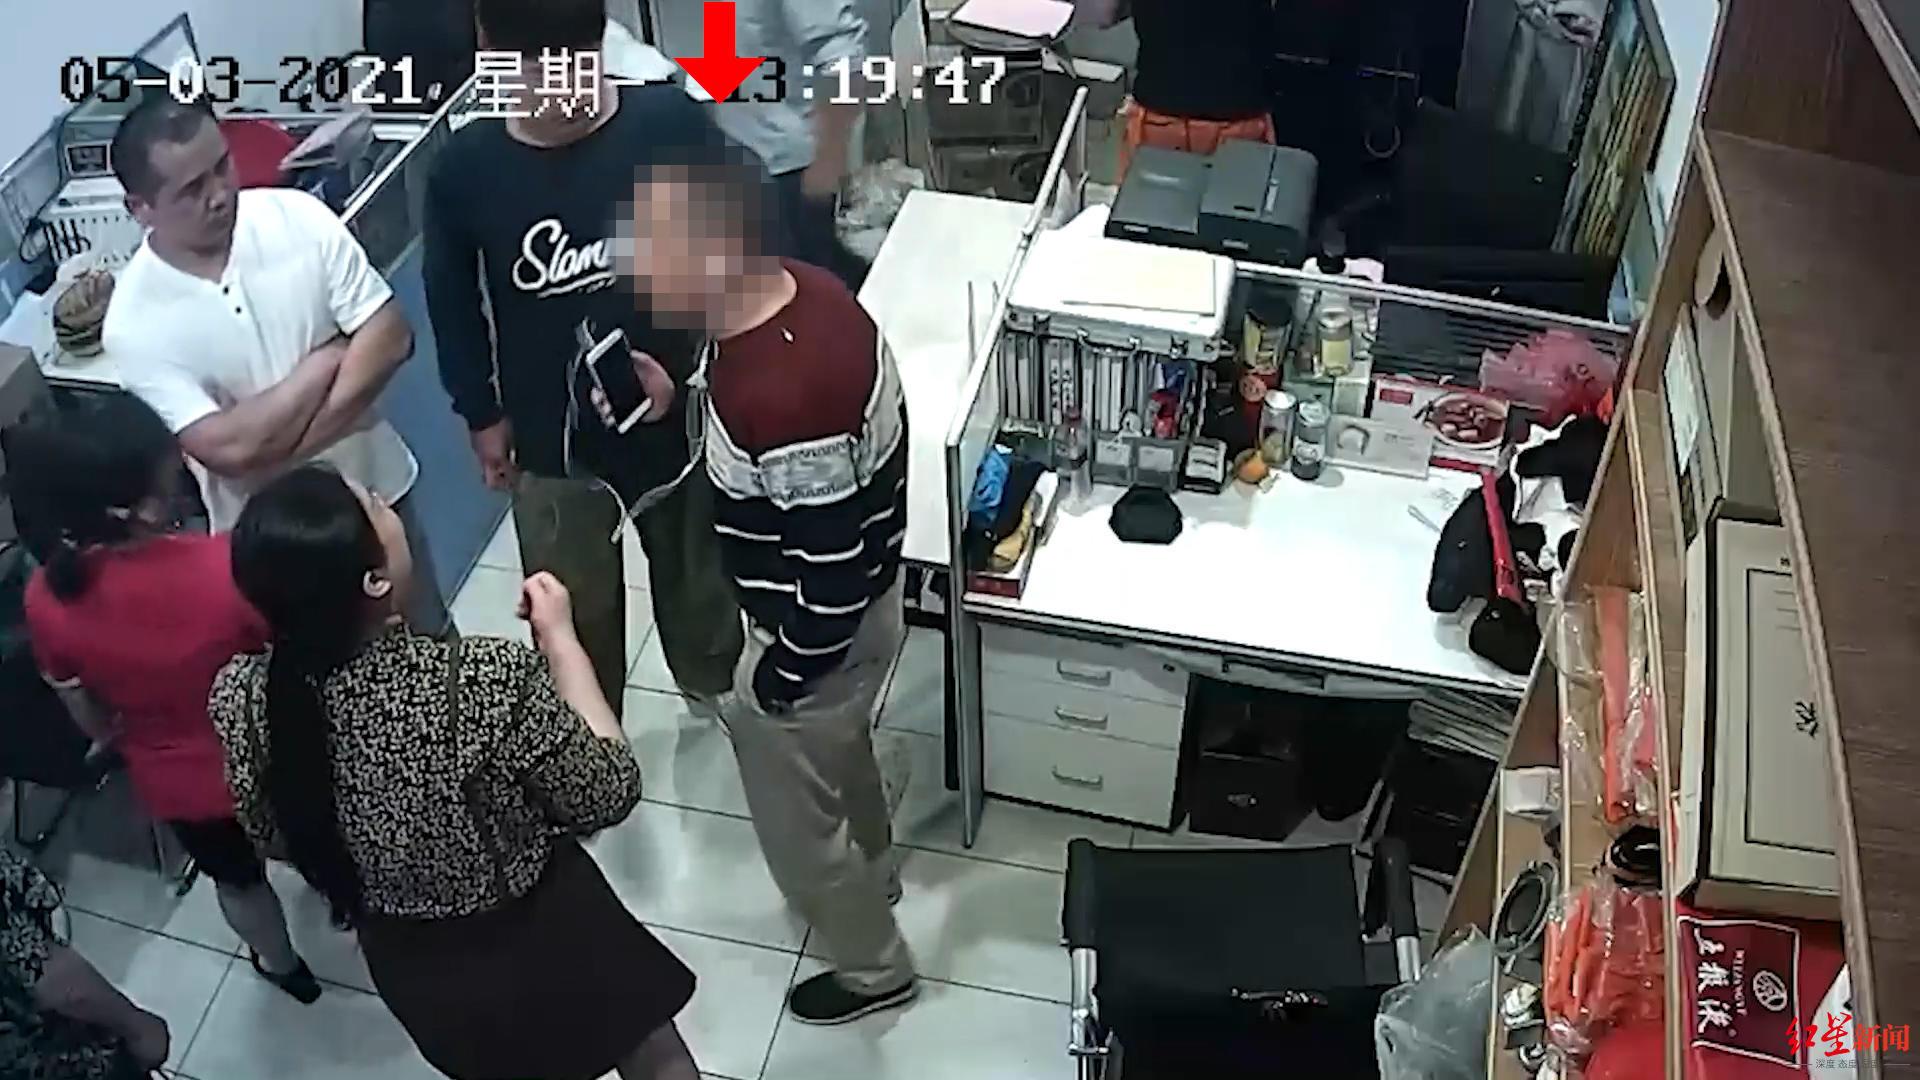 """混入婚宴现场,四川内江一名68岁的老人趁宾客不备,""""顺手牵羊""""盗走一名女士的手包,其中有3000余元现金和手机、银行卡等。更让人没想到的是,这名老人卖了手机,又返回现场当起了""""热心人"""",又是指导餐厅调"""